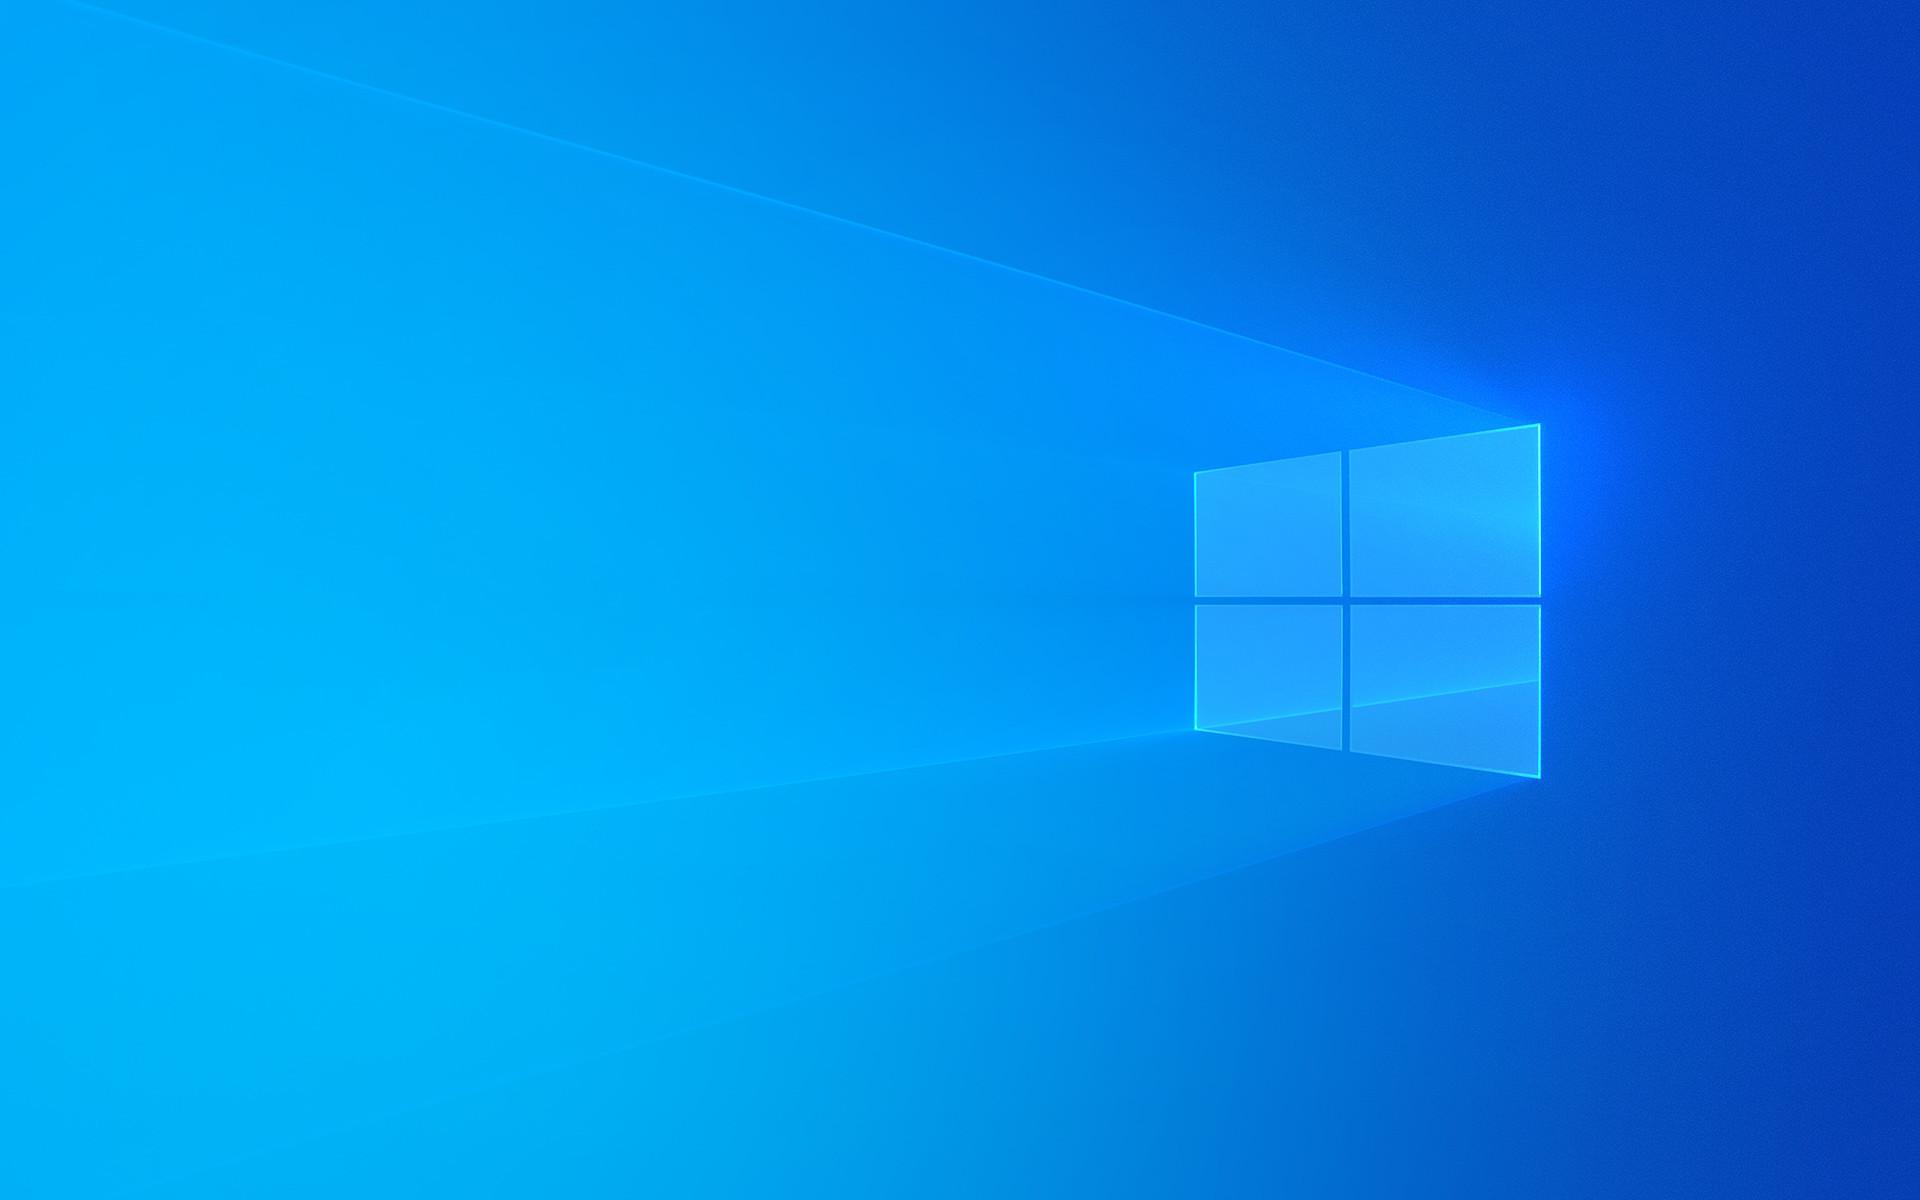 Windows 10 Hd Wallpaper 1080p لم يسبق له مثيل الصور Tier3 Xyz